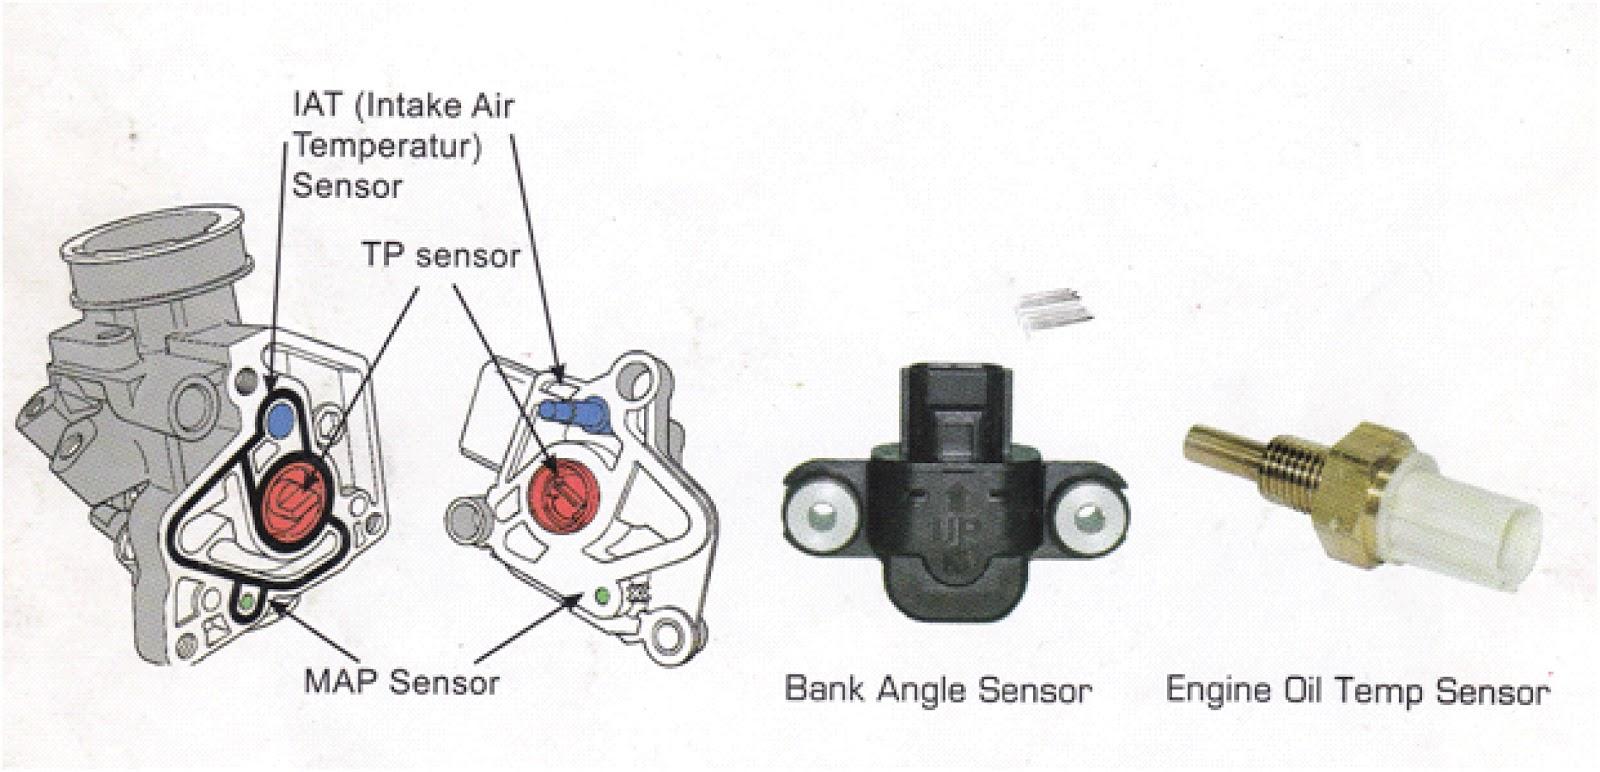 map, bank angle sensor, engine oil sensor